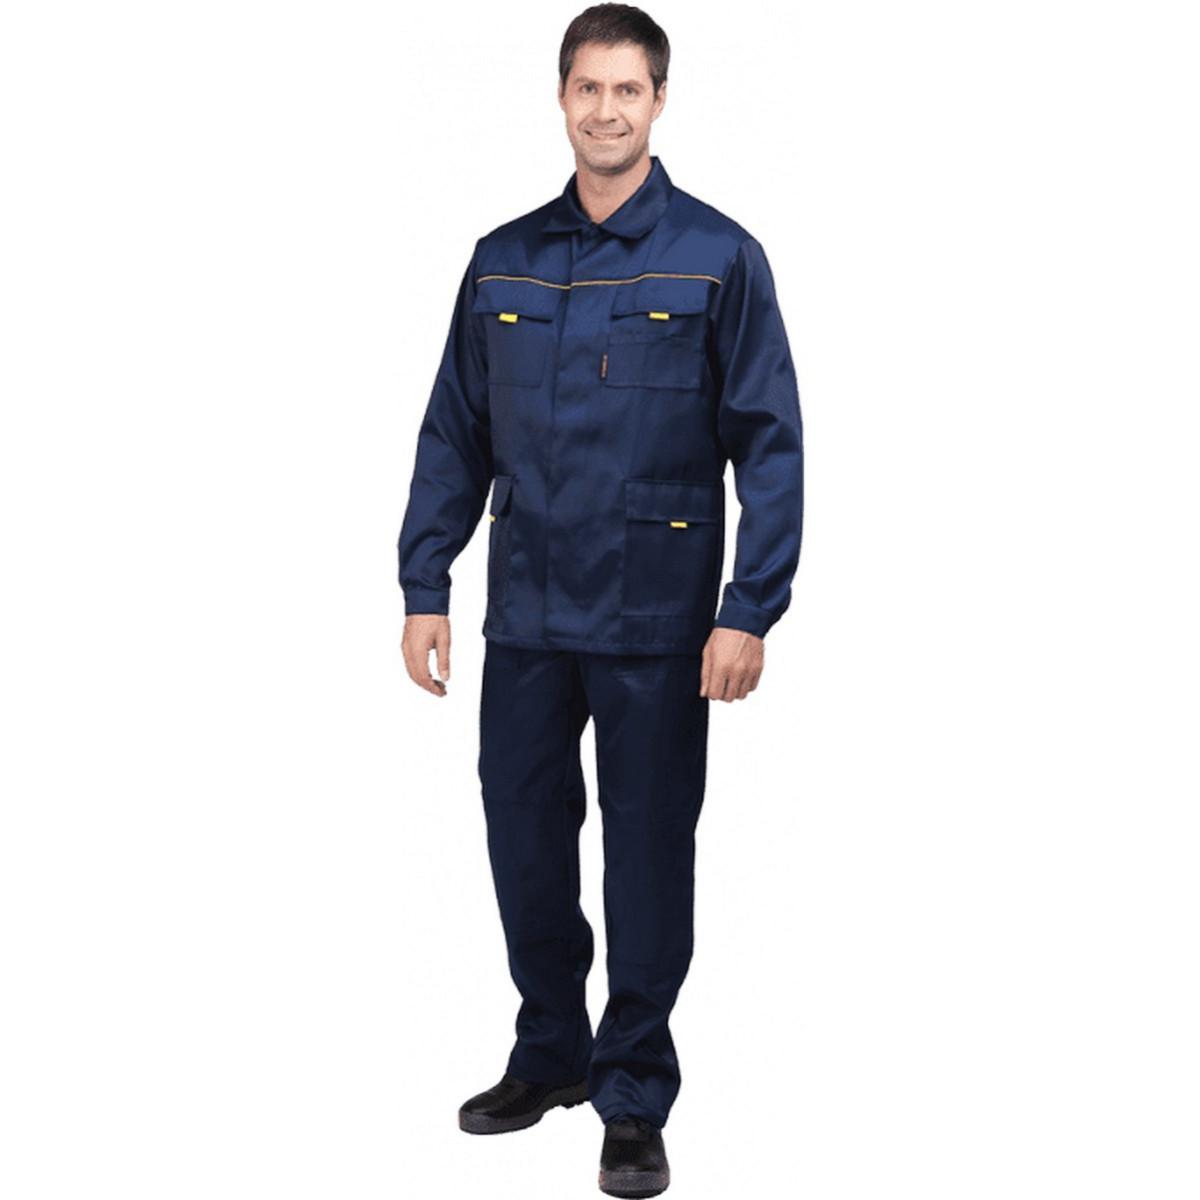 Костюм ВЫМПЕЛ-2 т/синий (куртка+п/к)  (разм. 120-124 рост 170-176)